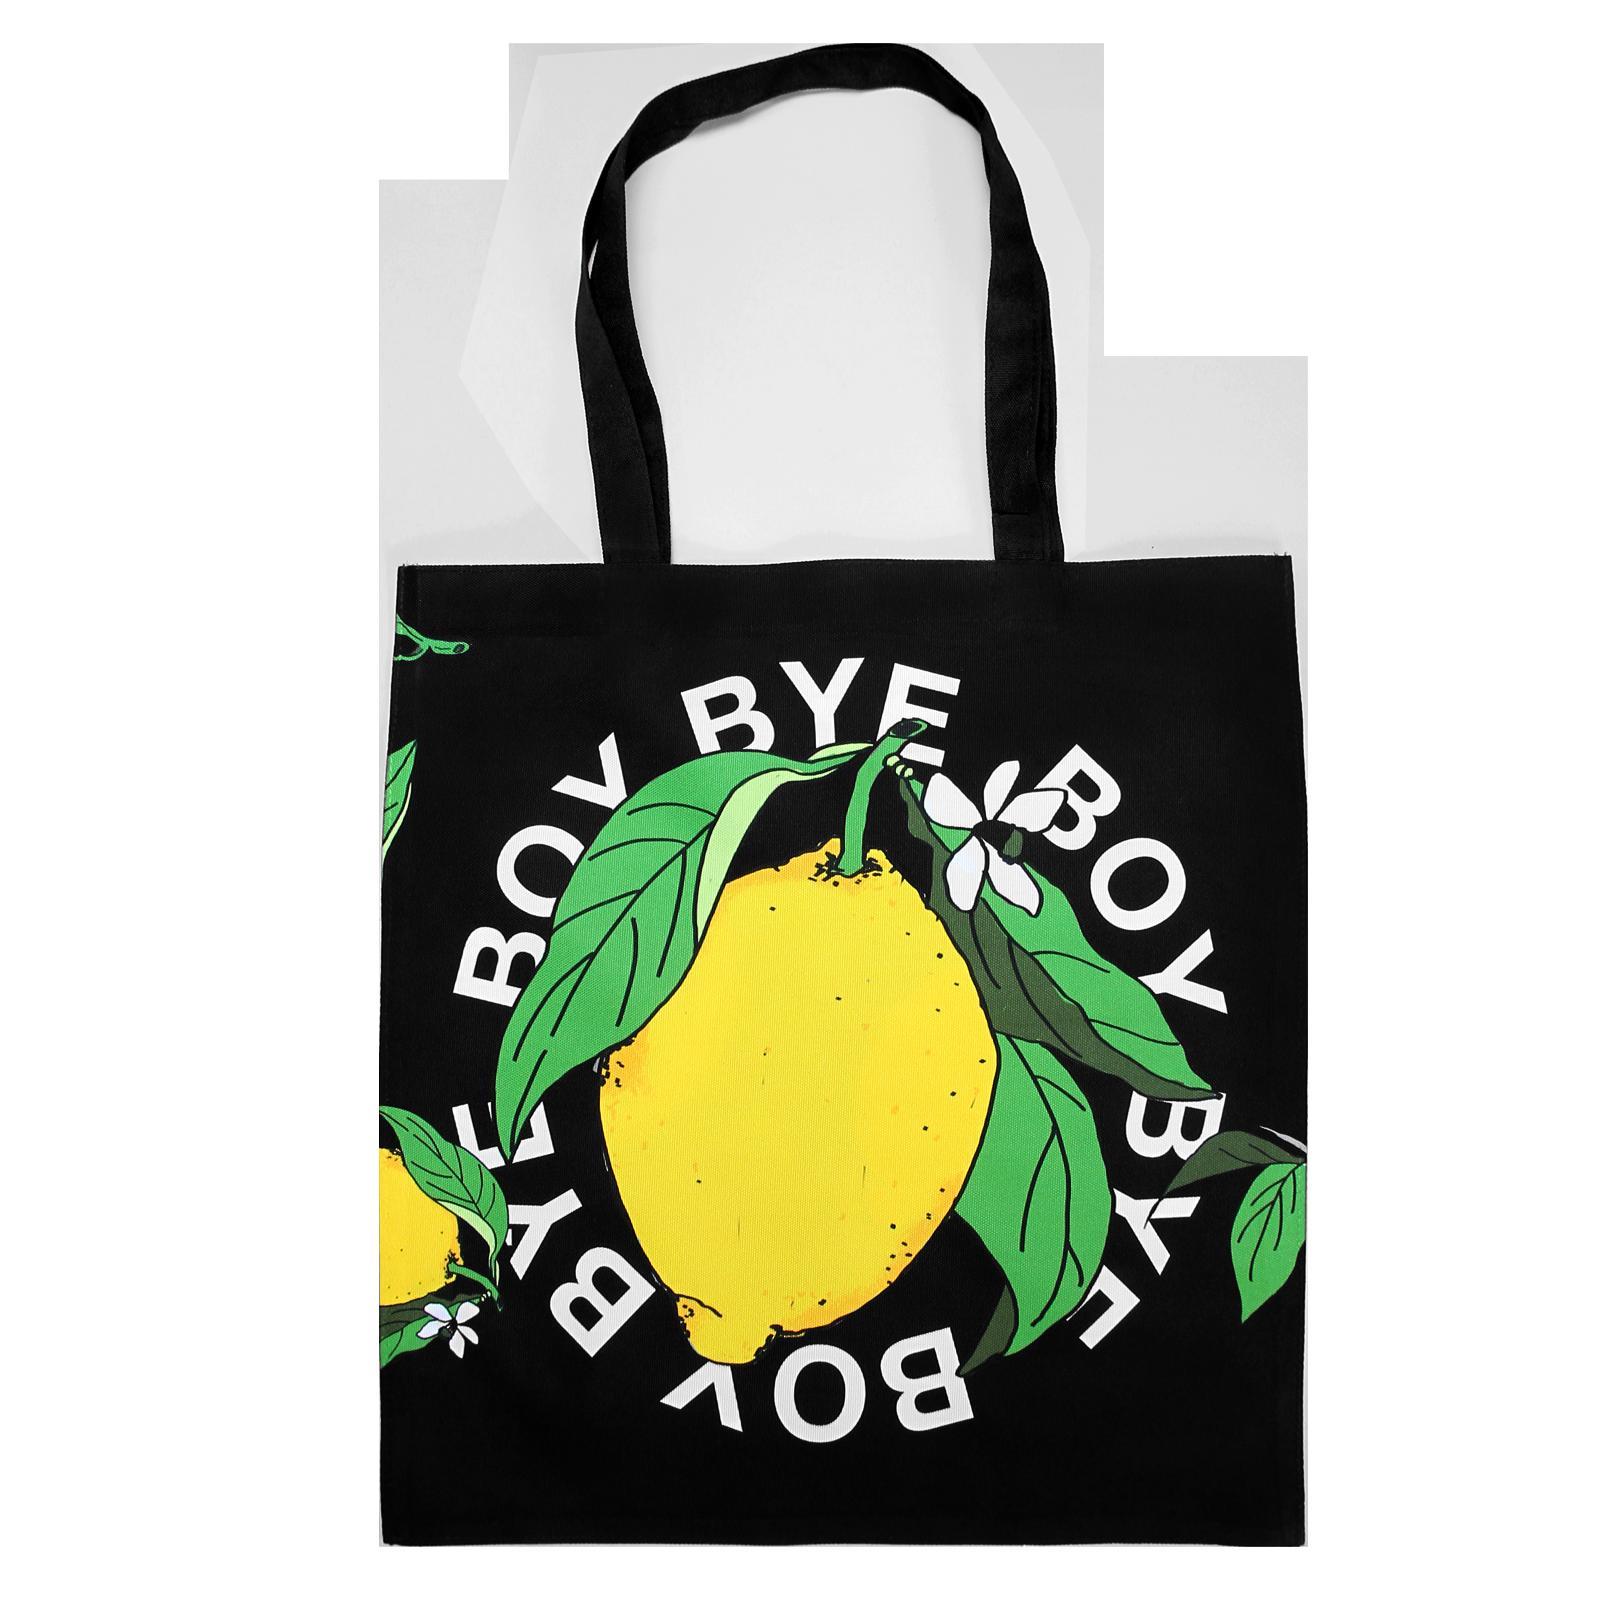 Beyonce - Boy Bye Tote Bag